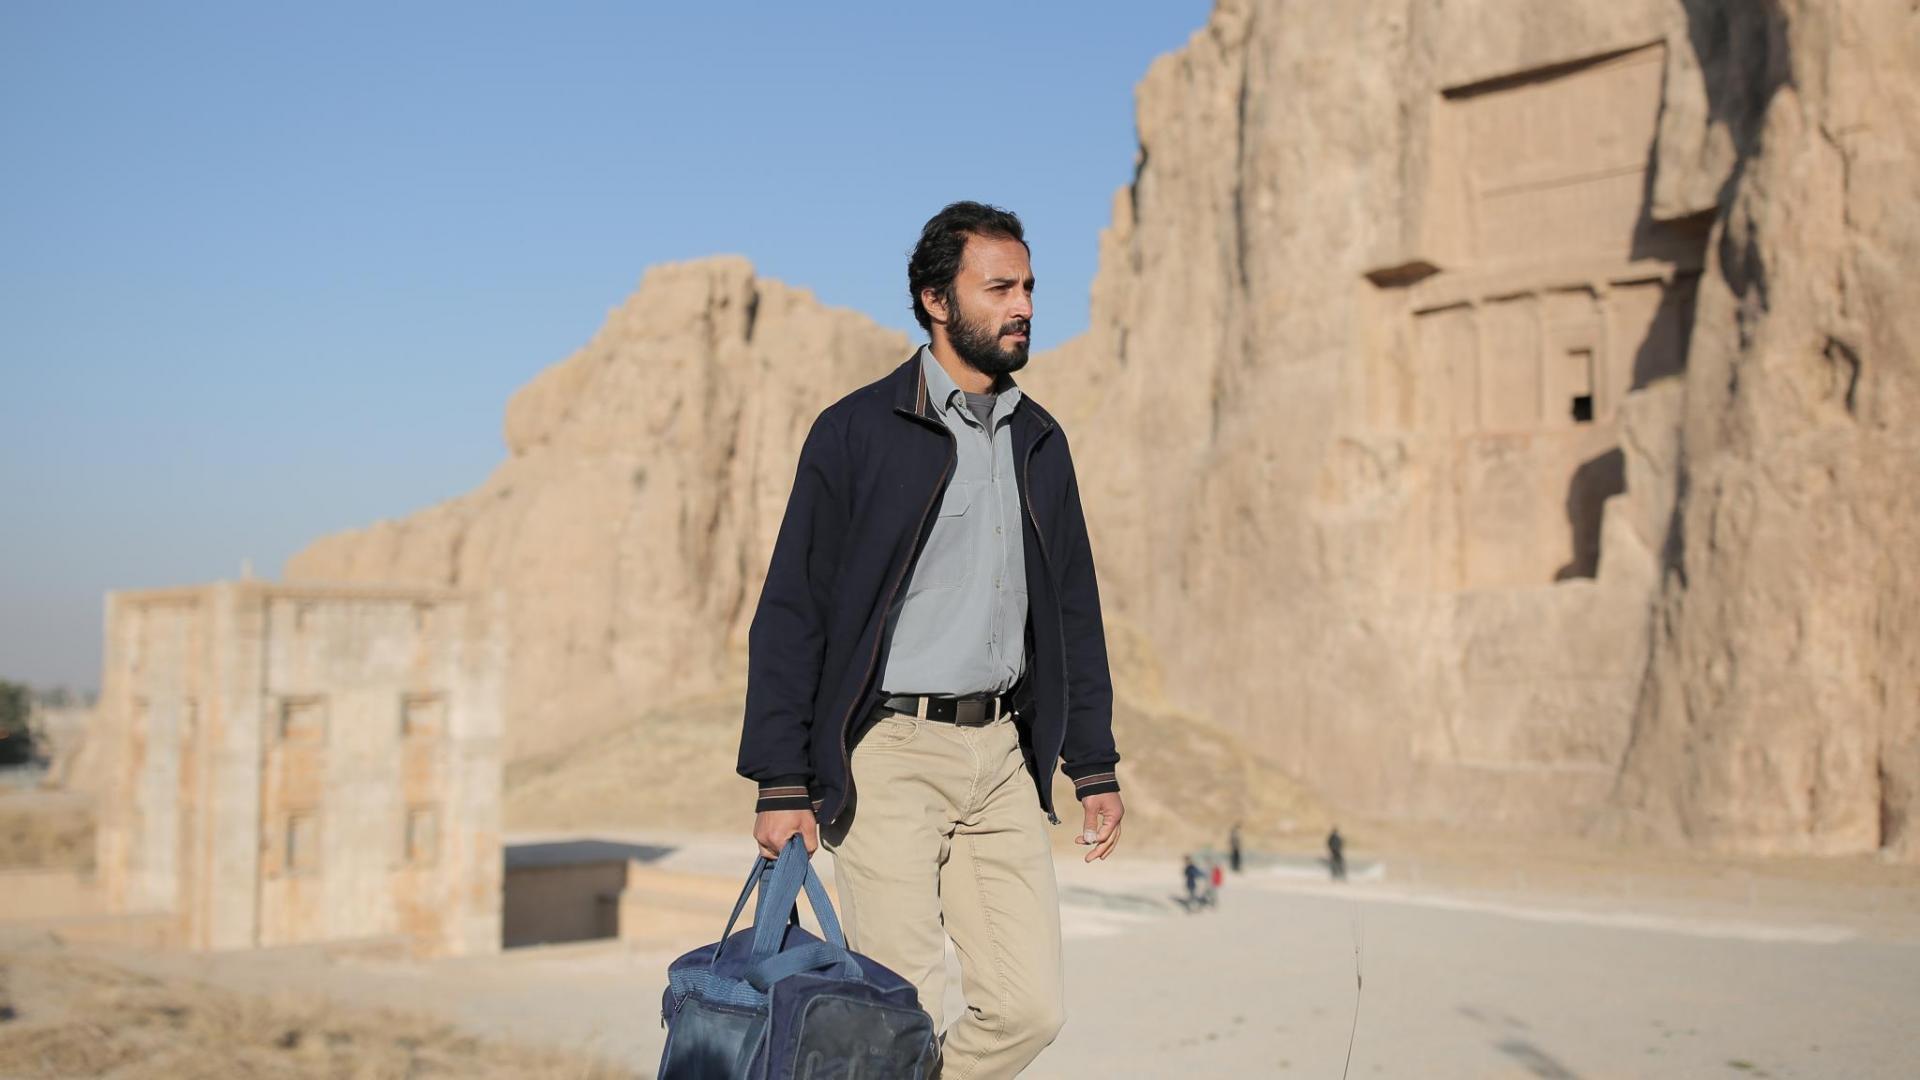 Cena do filme Um Herói. Mostra um homem adulto, iraniano, caminhando perto de uma montanha clara. Está de dia e está bem sol, e ele segura uma mala azul com a mão direita.